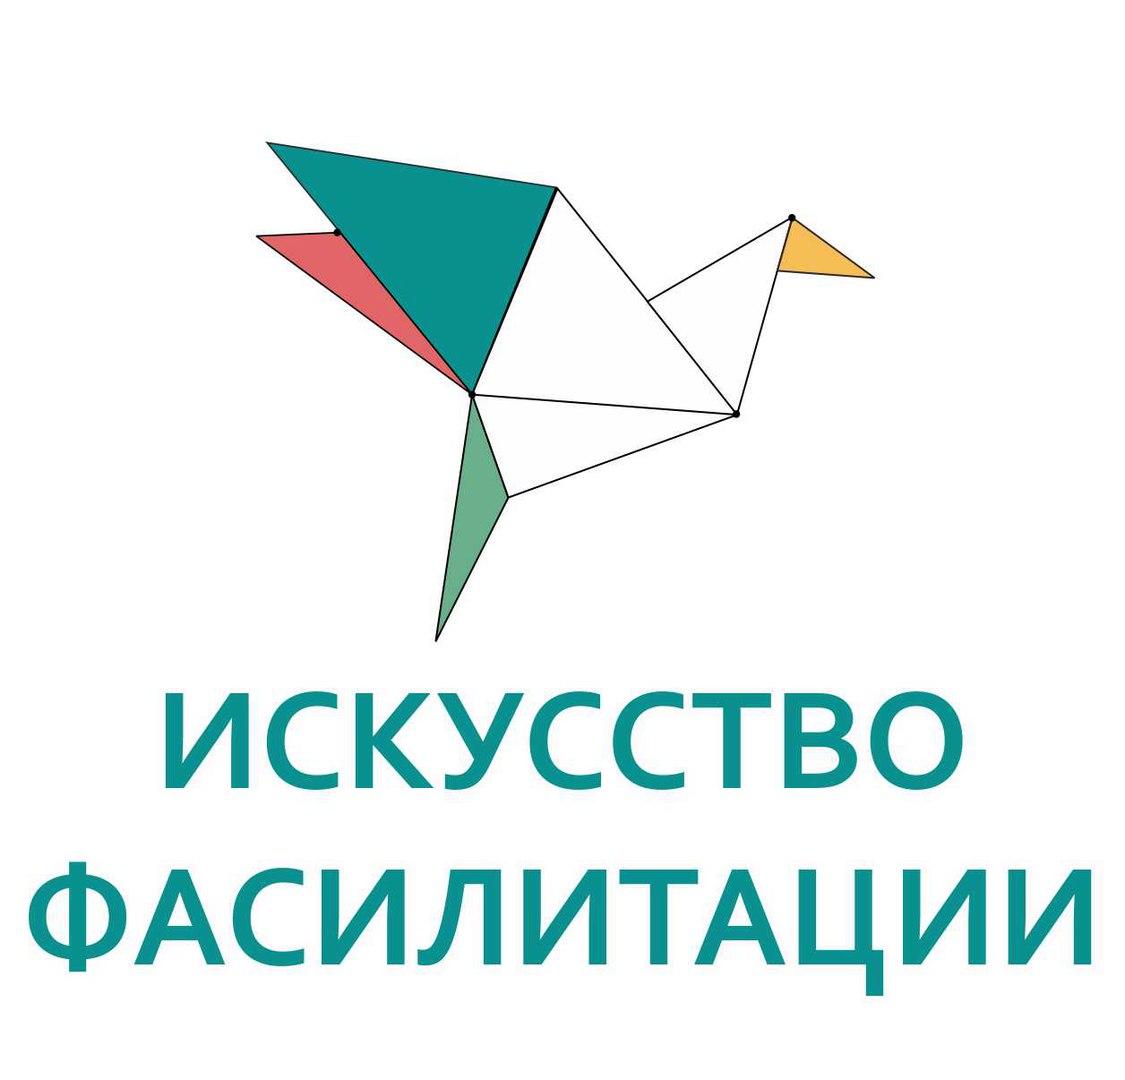 Афиша Ульяновск Искусство фасилитации. 15-17 ноября в УЛЬЯНОВСКЕ